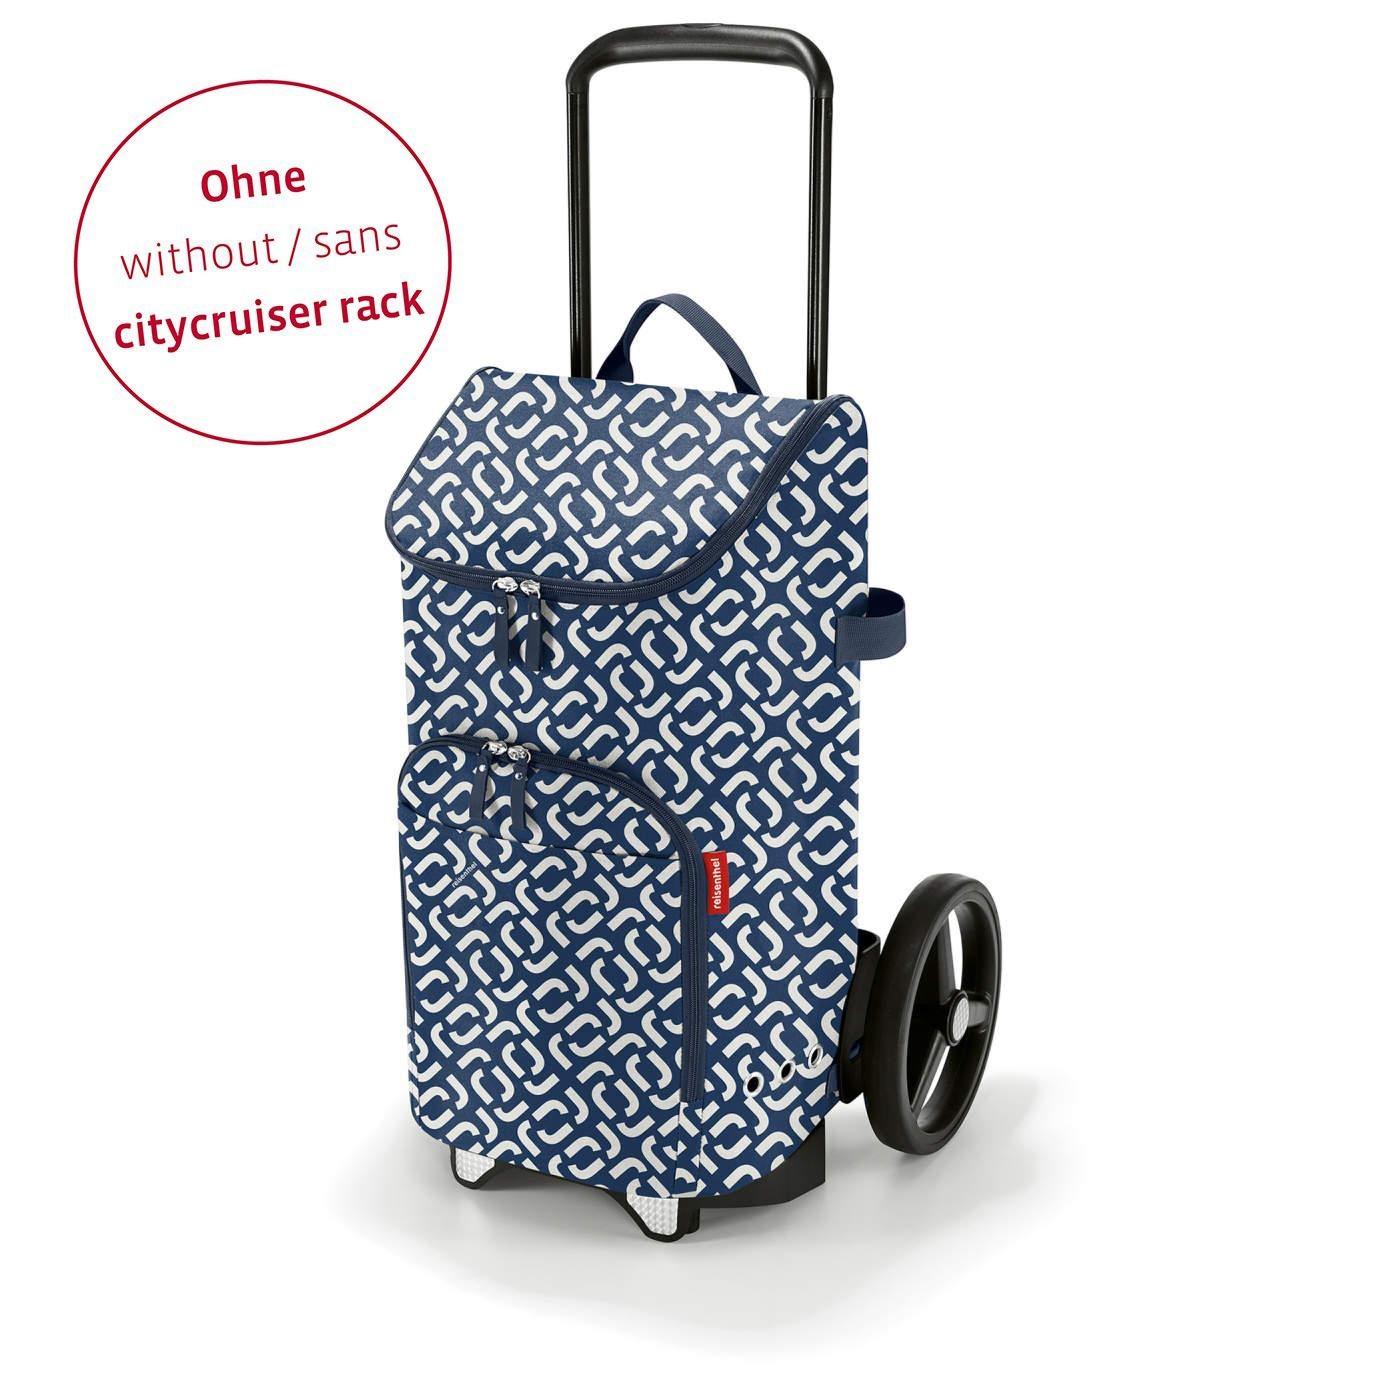 Městská taška Citycruiser Bag signature navy (bez vozíku DE7003!)_0